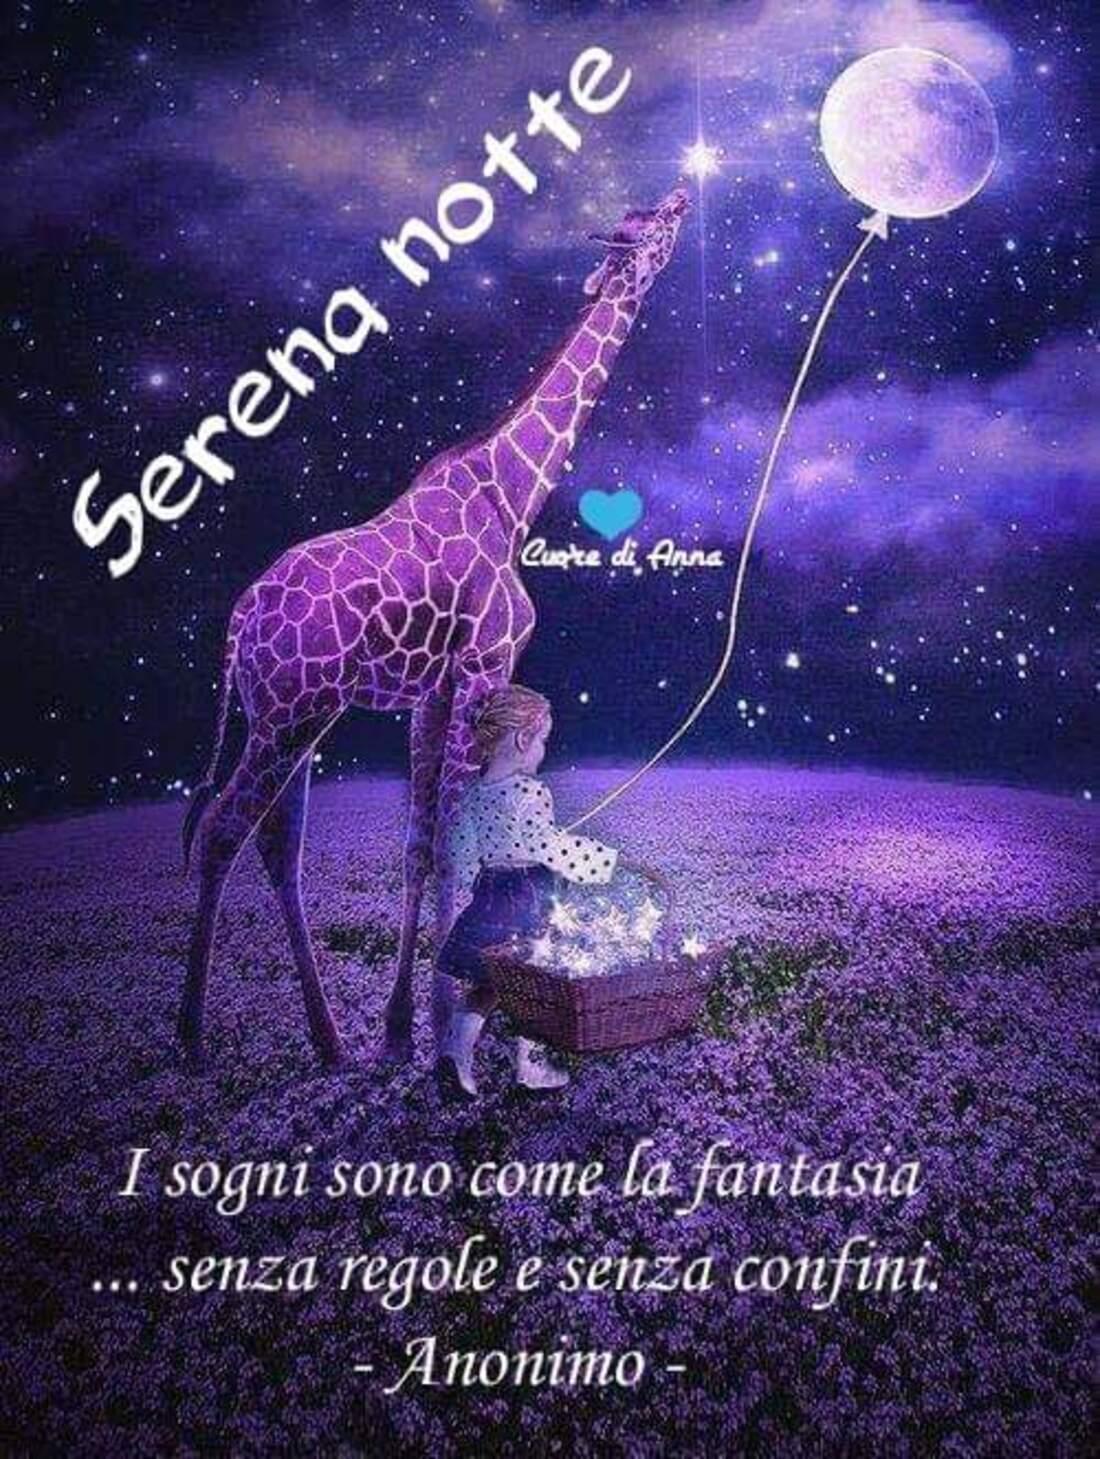 Serena notte i sogni sono la fantasia senza regole e senza confini